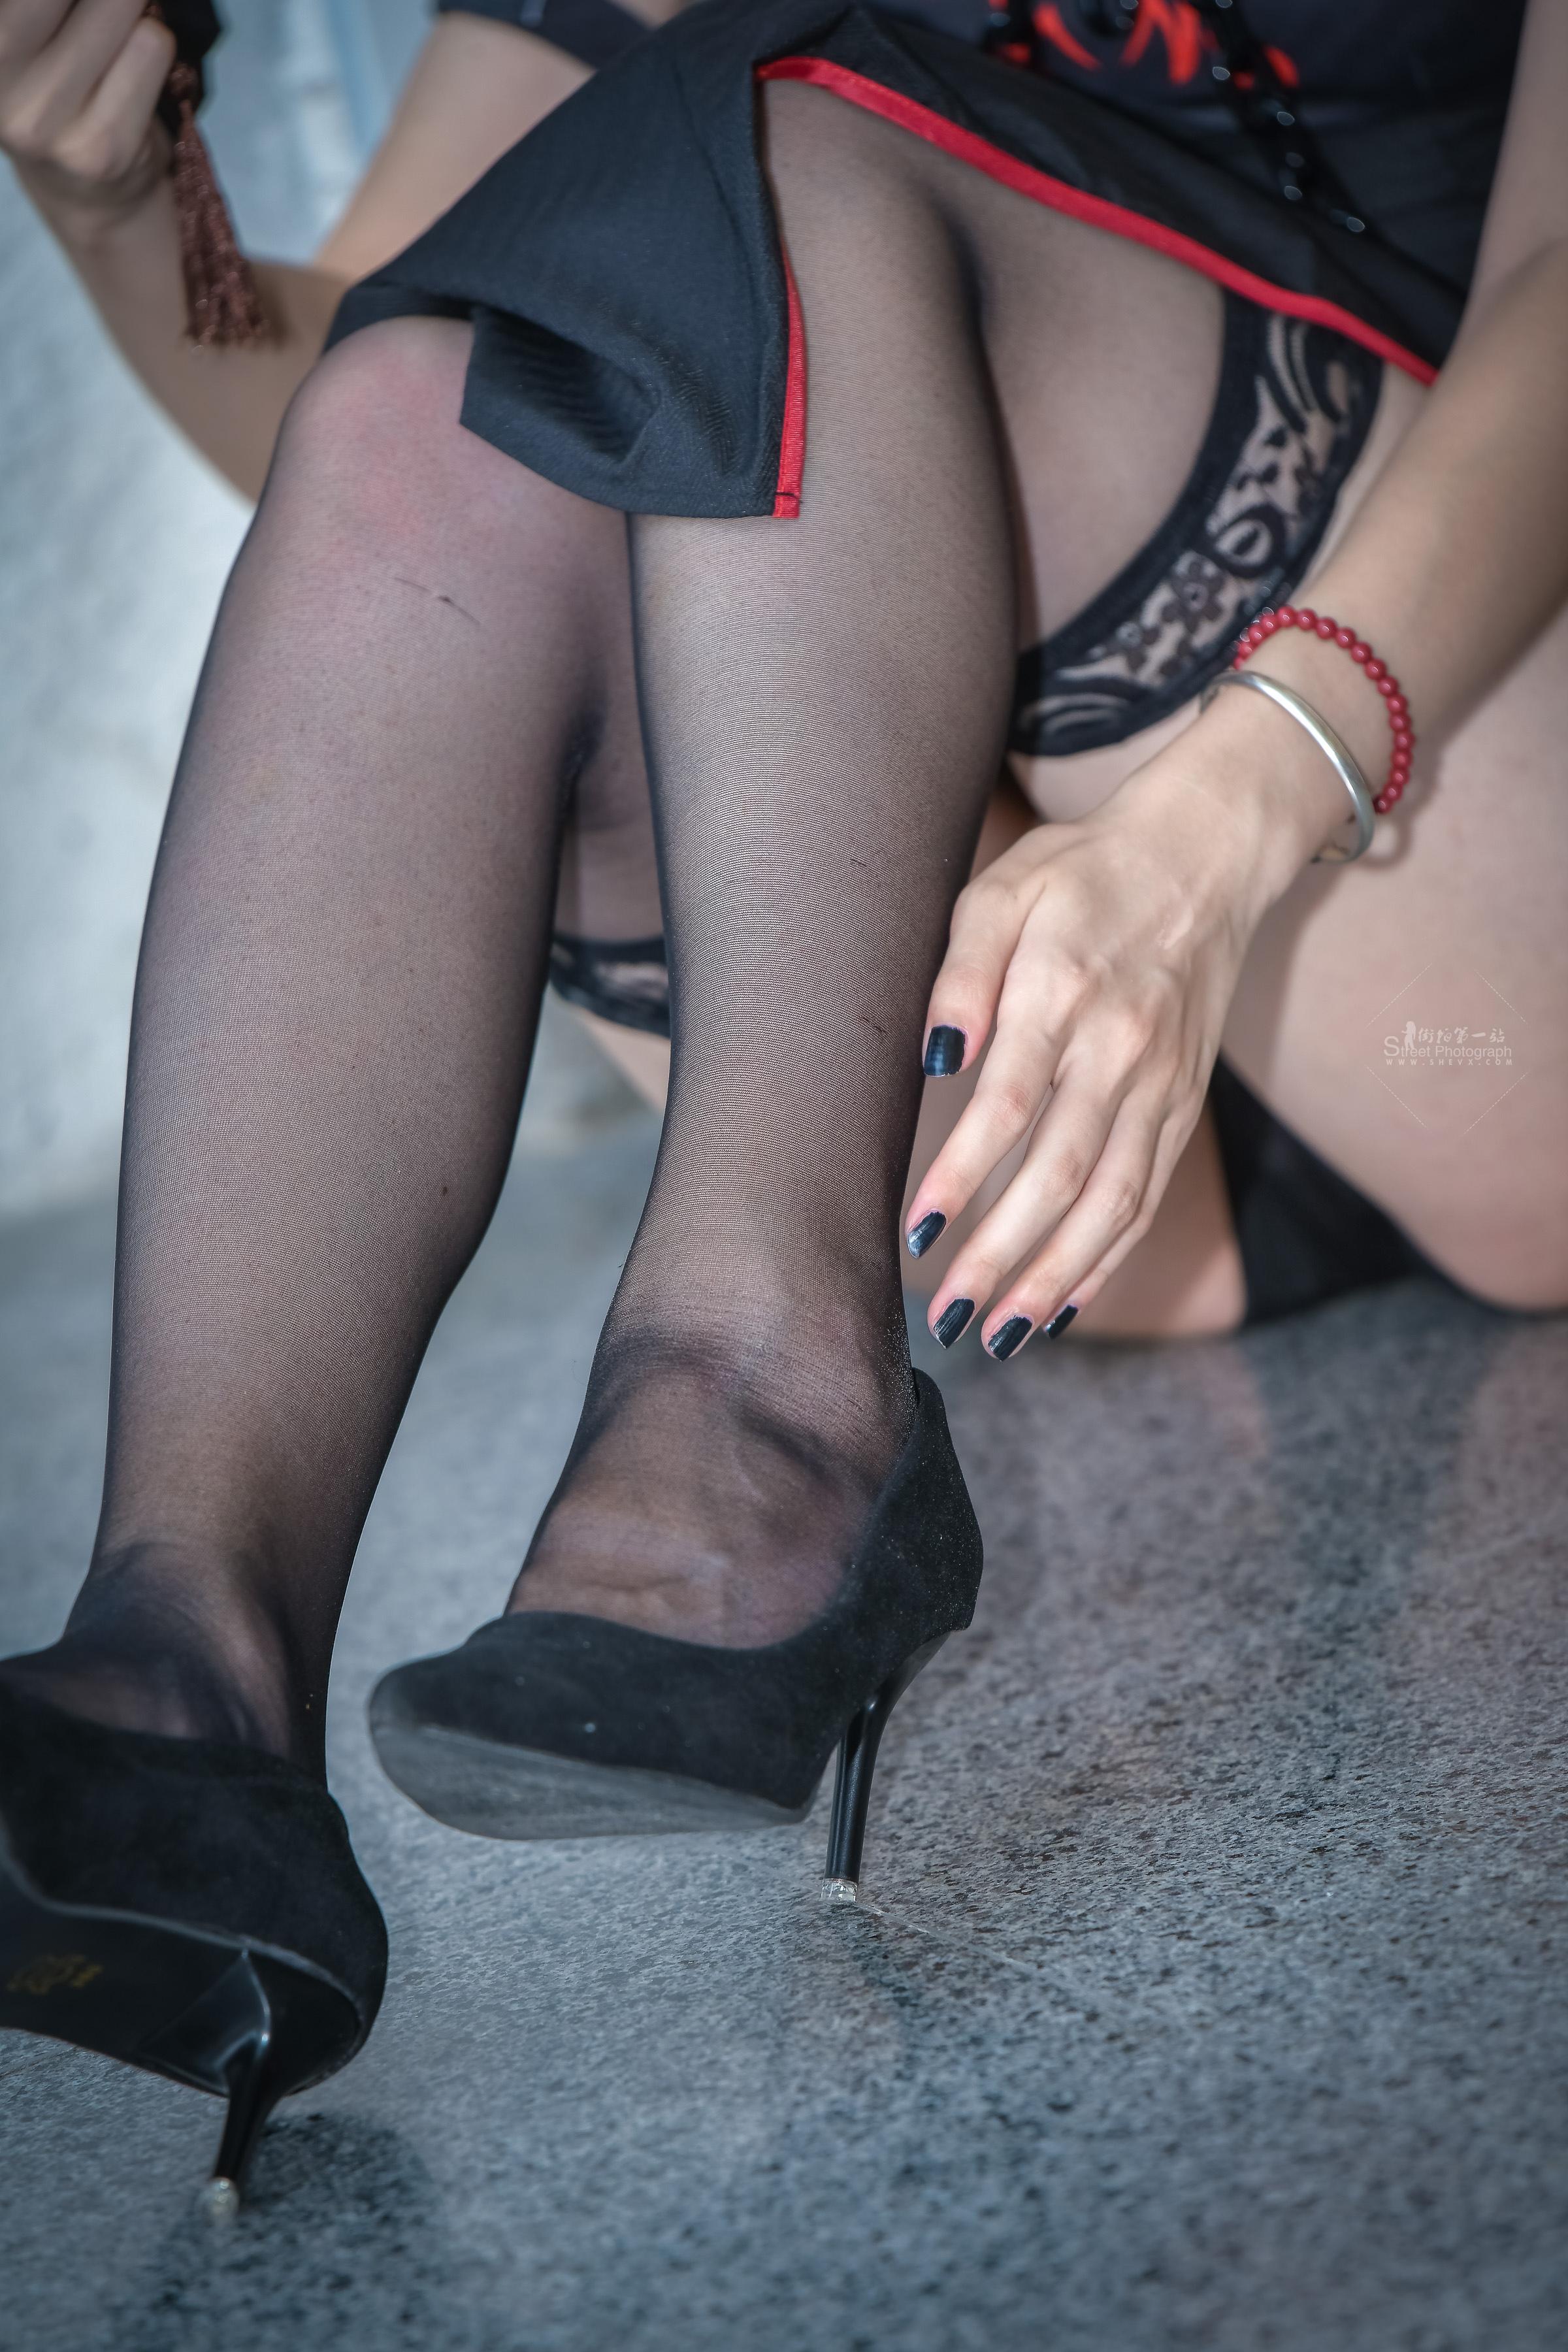 街拍高跟,街拍黑丝,街拍筒袜 黑丝长筒袜 高跟近距离的?#25913;?#27427;赏 最新街拍丝袜图片 街拍丝袜第一站